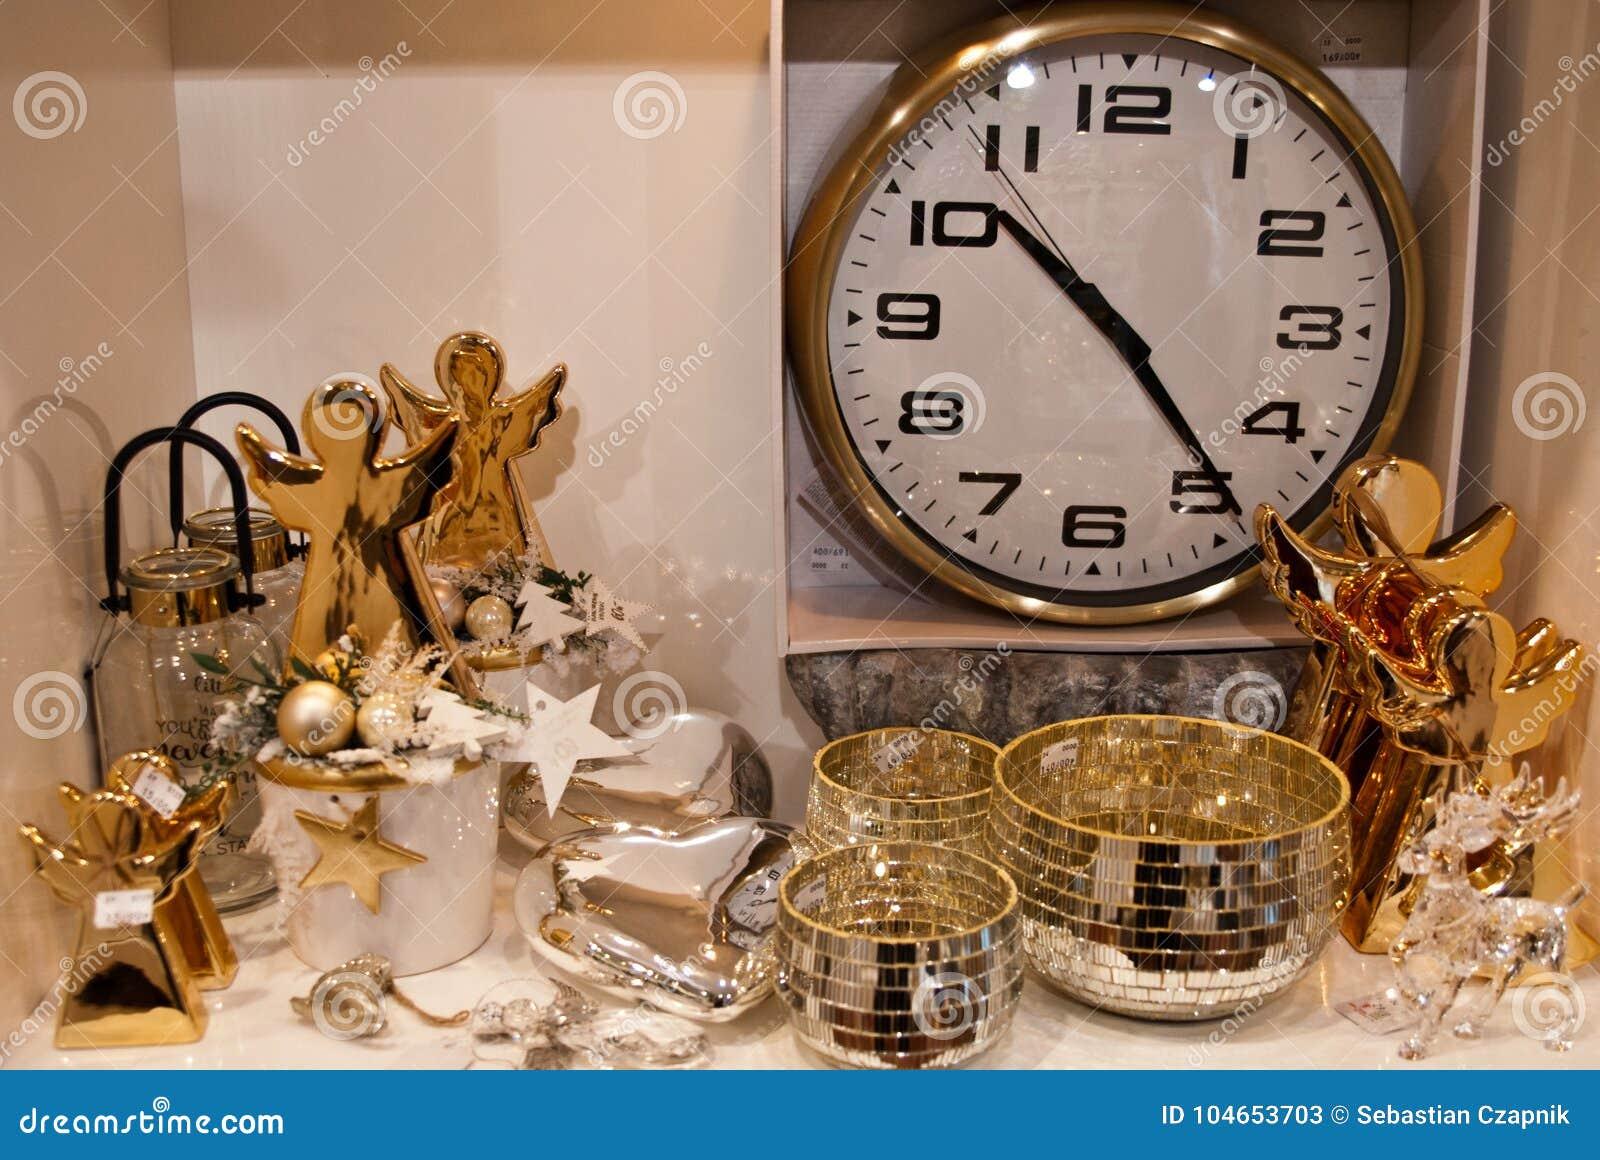 Wnętrze domowi artykuły robi zakupy z Bożenarodzeniowymi decoratoins